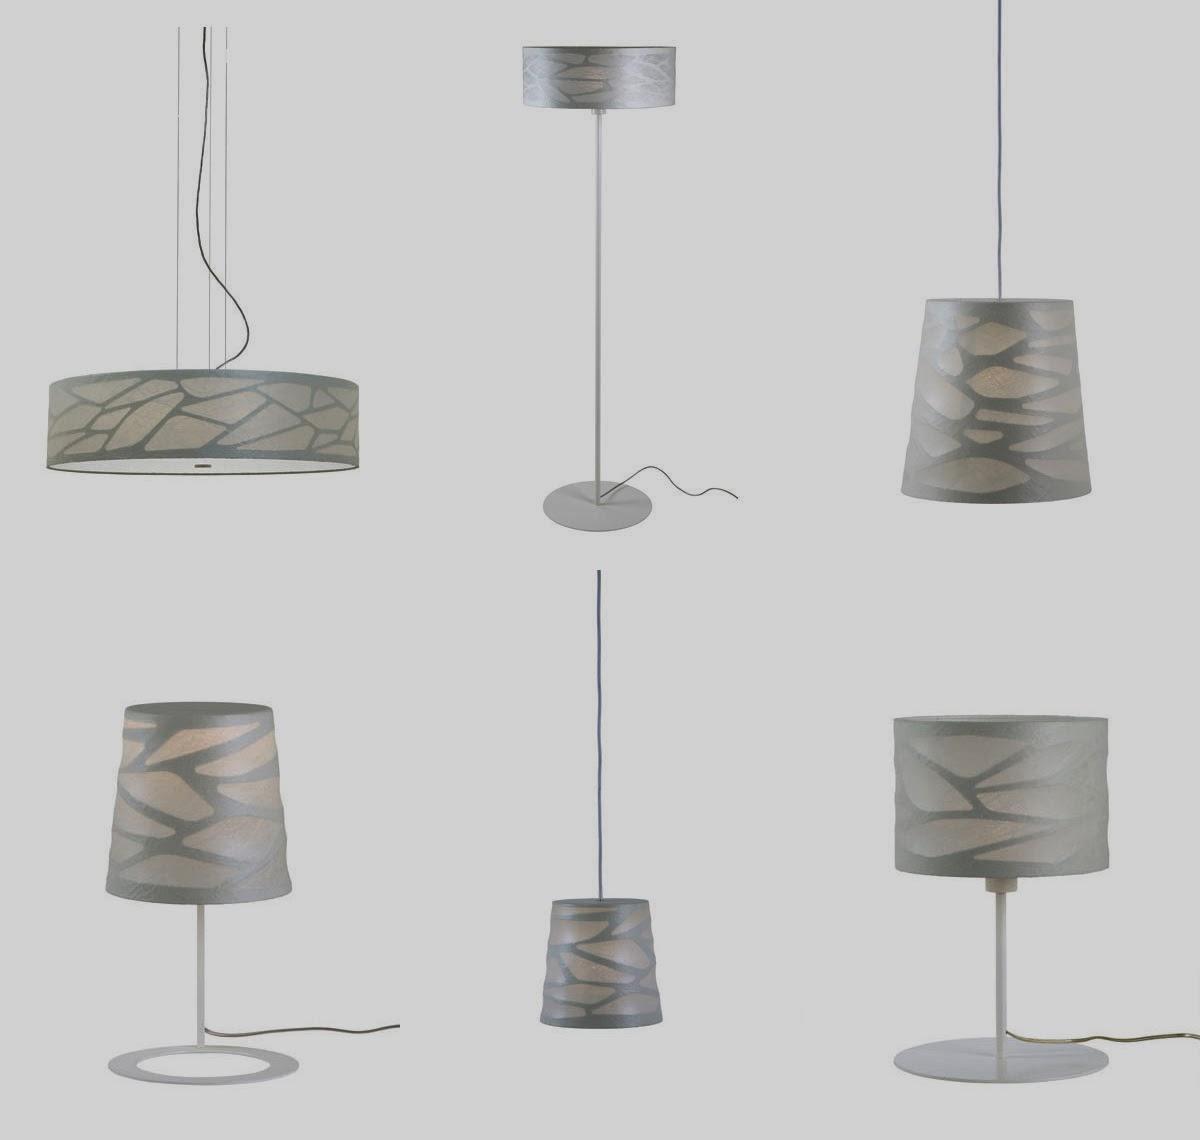 Lampadari moderni e di design febbraio 2014 for Lampade design